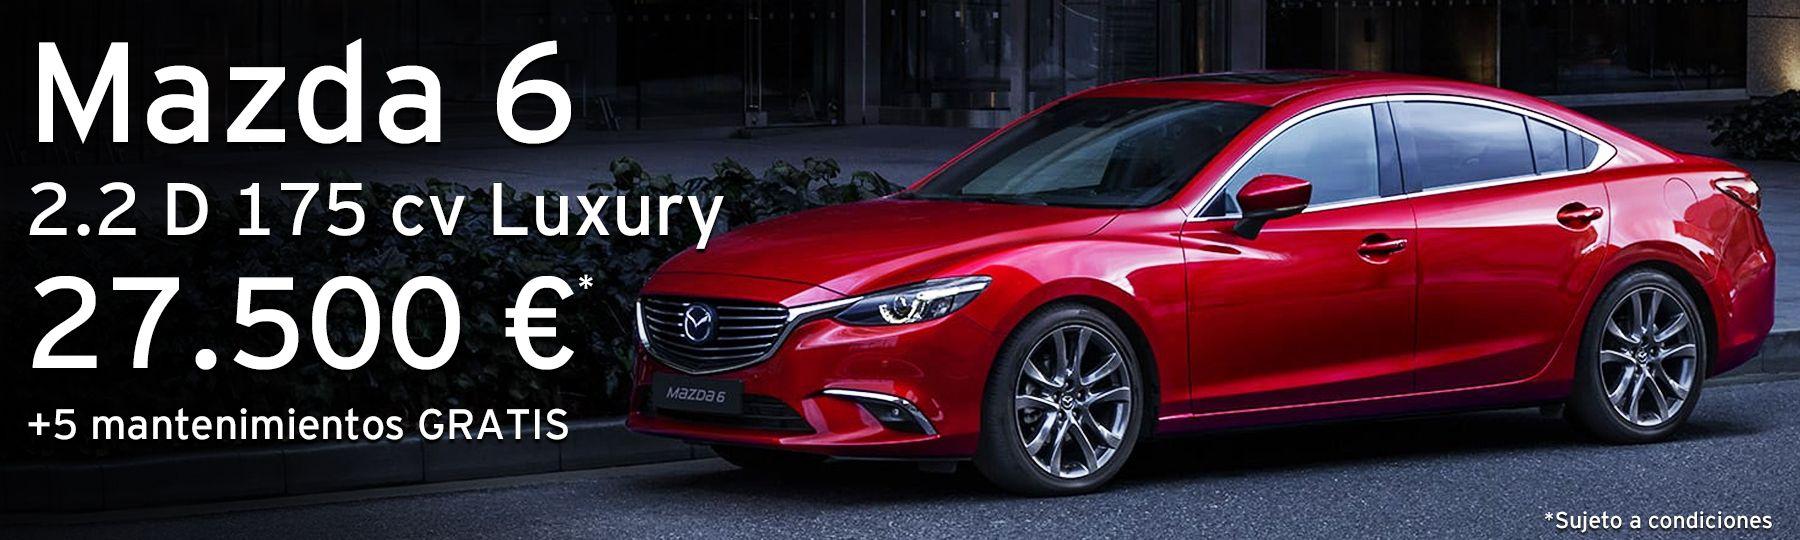 Mazda 6 SDN 2.2 D de 175 cv Luxury